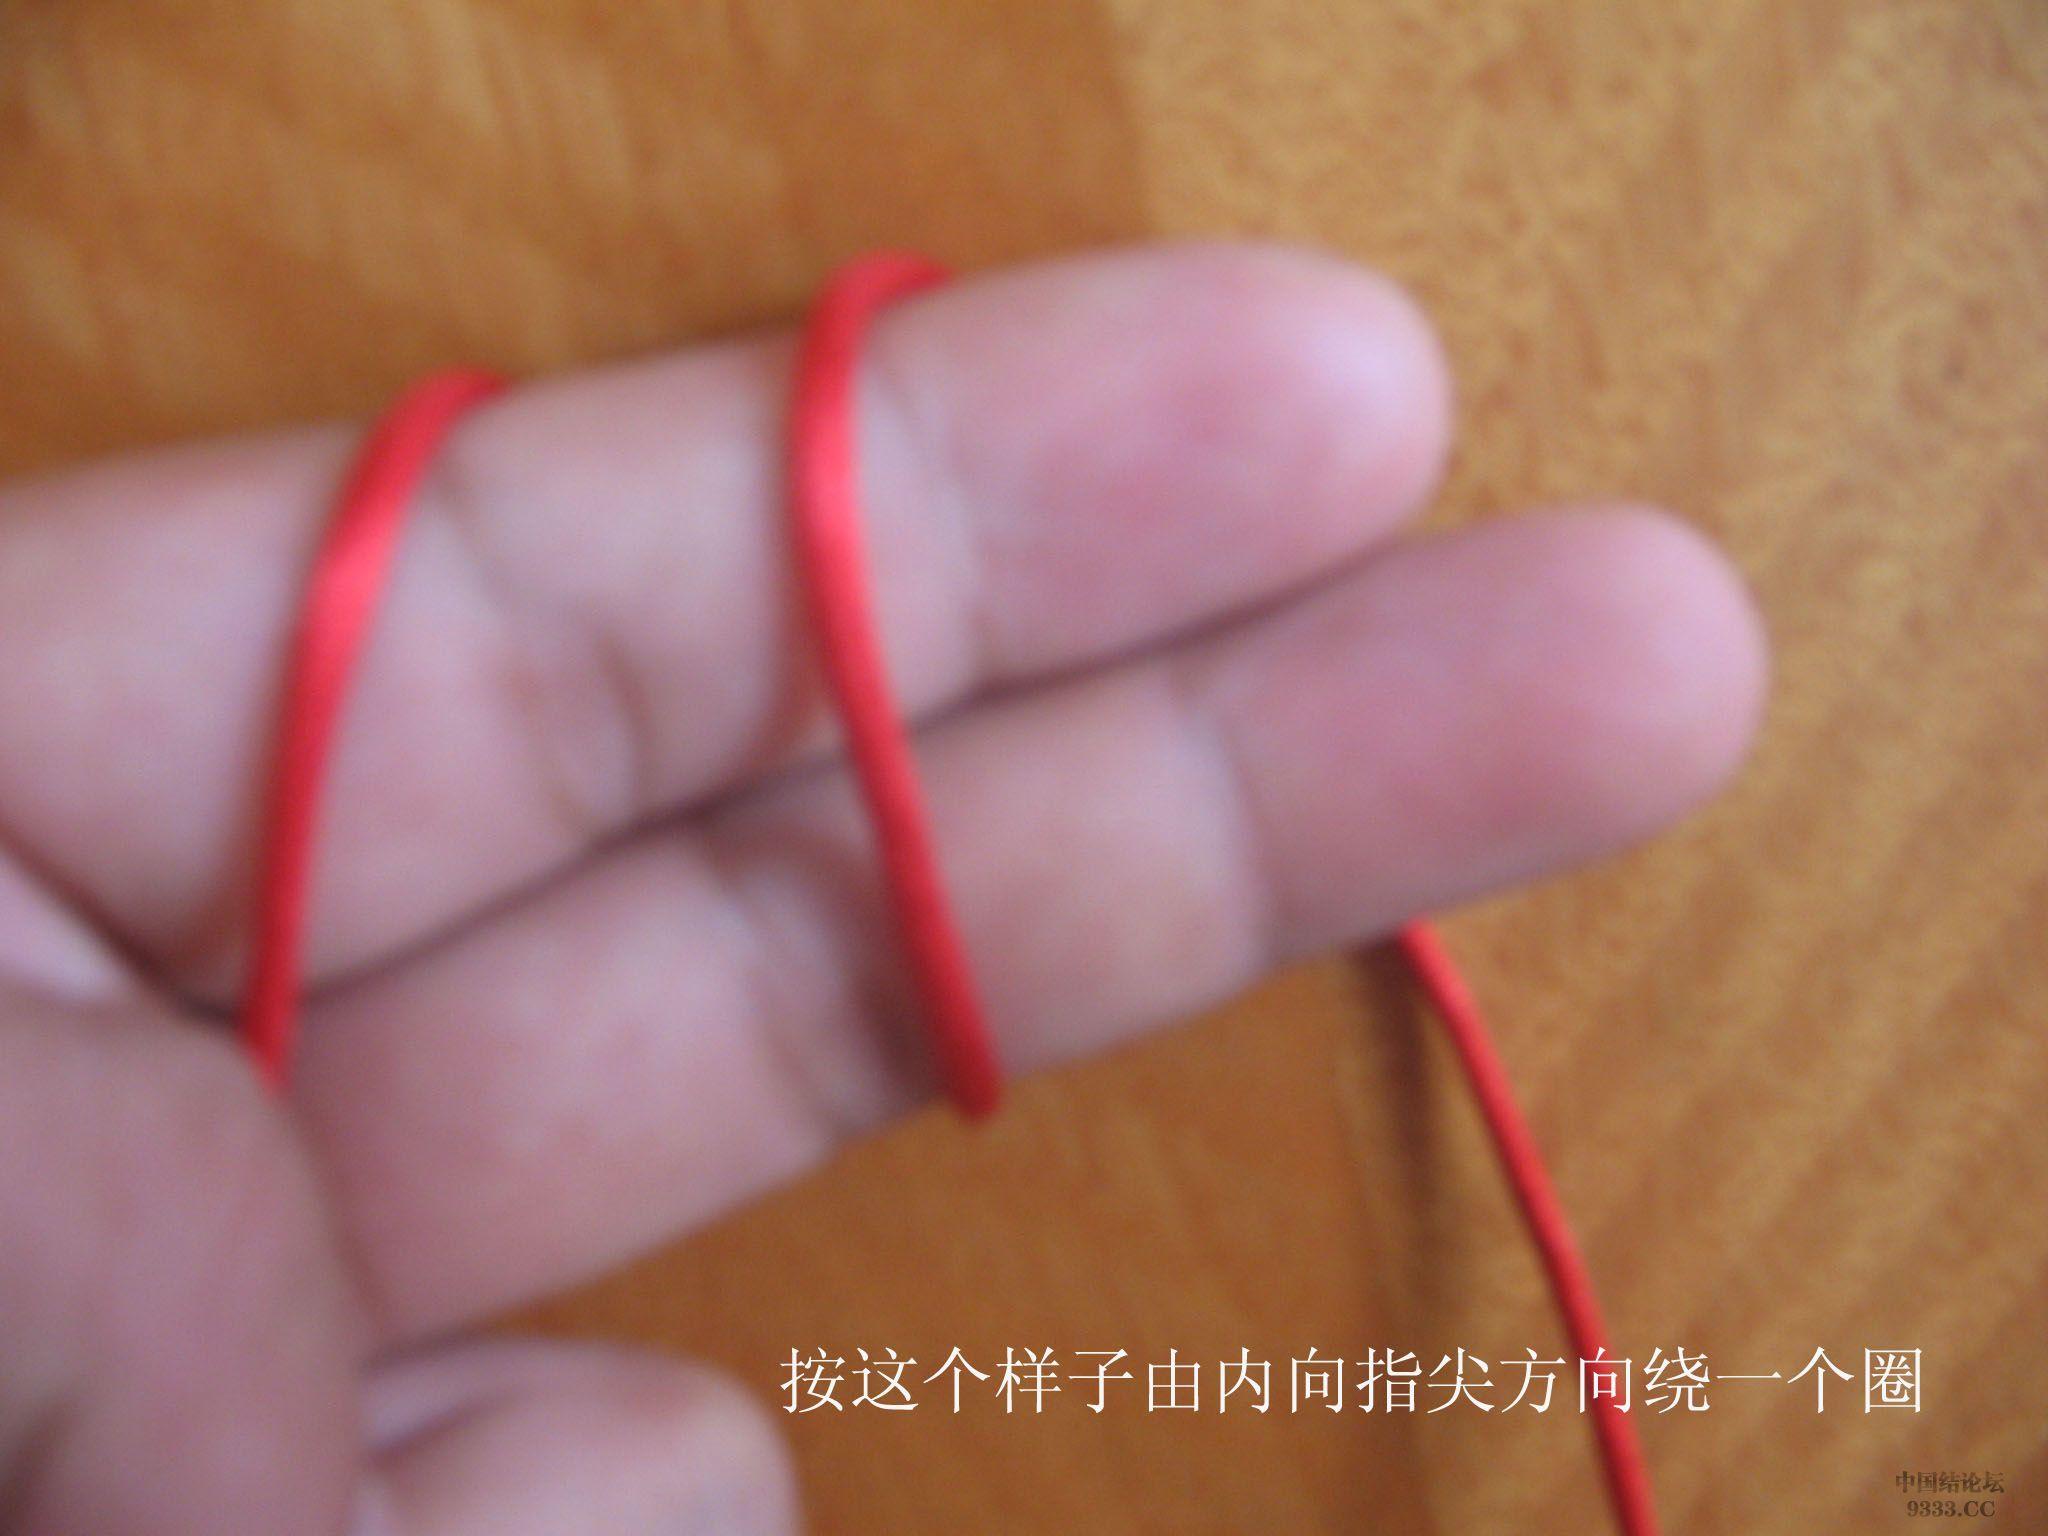 中国结论坛 原创-双钱结的快速编制方法 双钱结 基本结-新手入门必看 0907240955d3b8615e005312d1